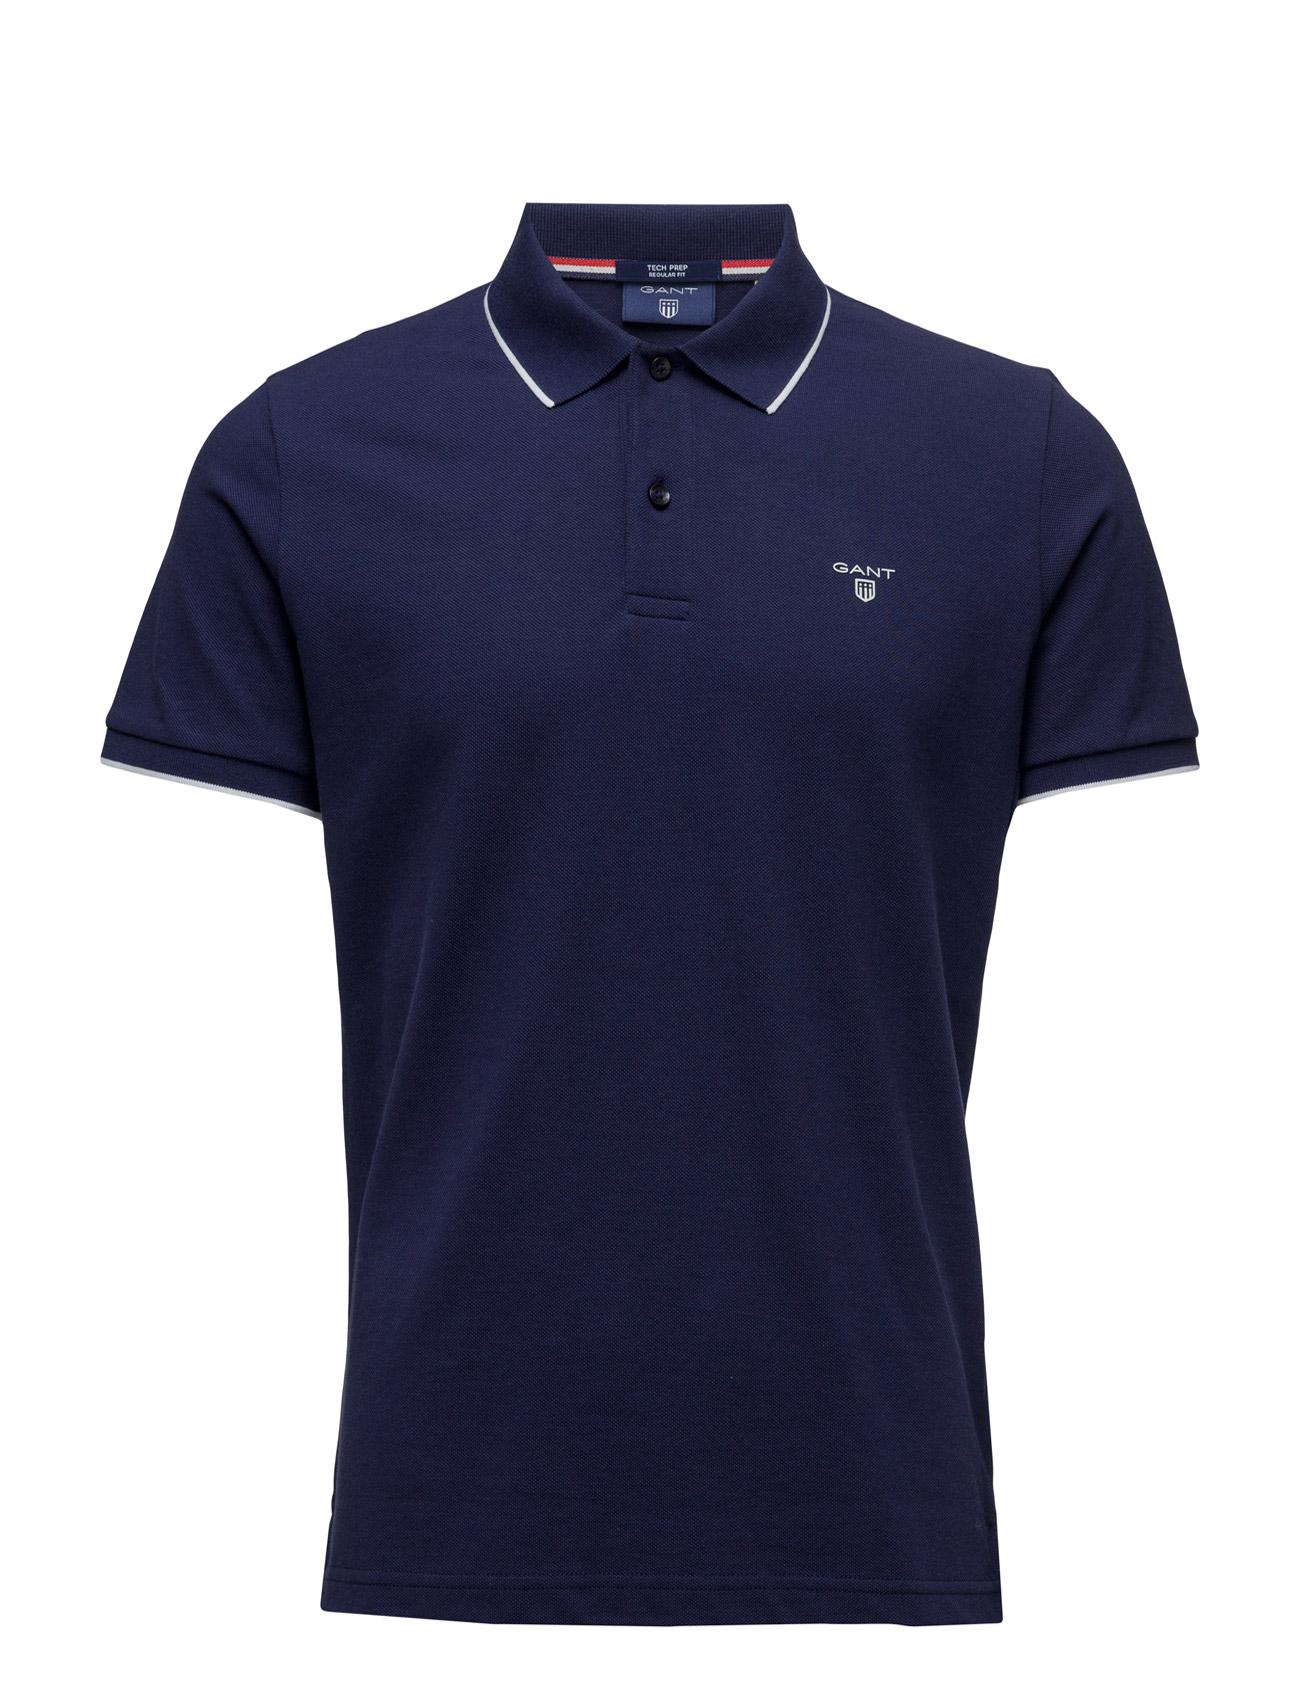 Tech Prep Pique Ss Rugger GANT Kortærmede polo t-shirts til Herrer i